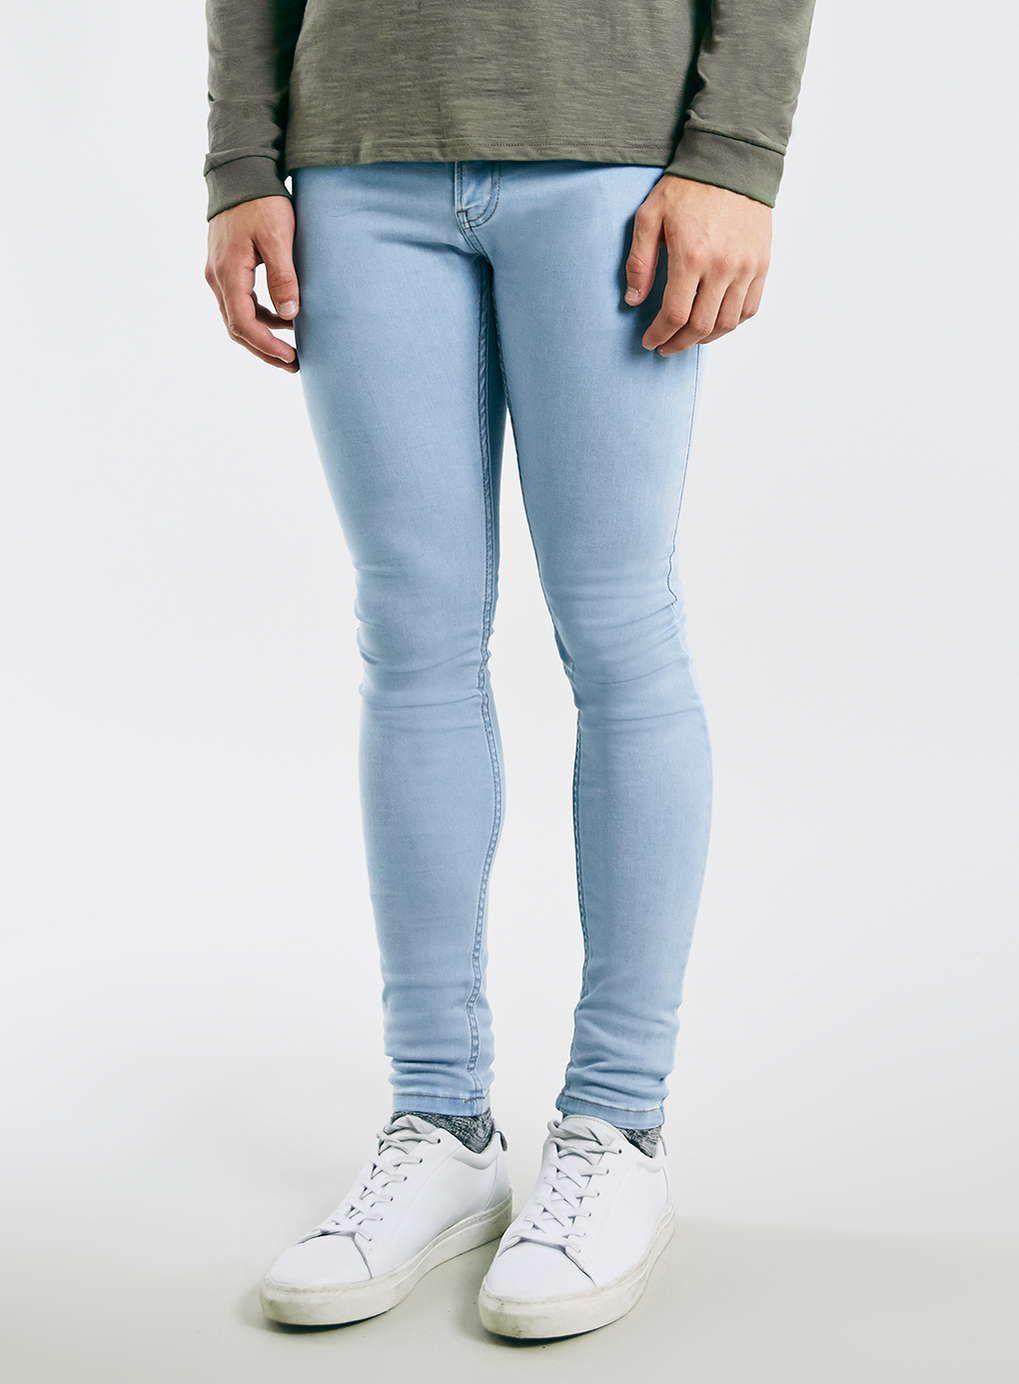 Skinny jeans herren hell